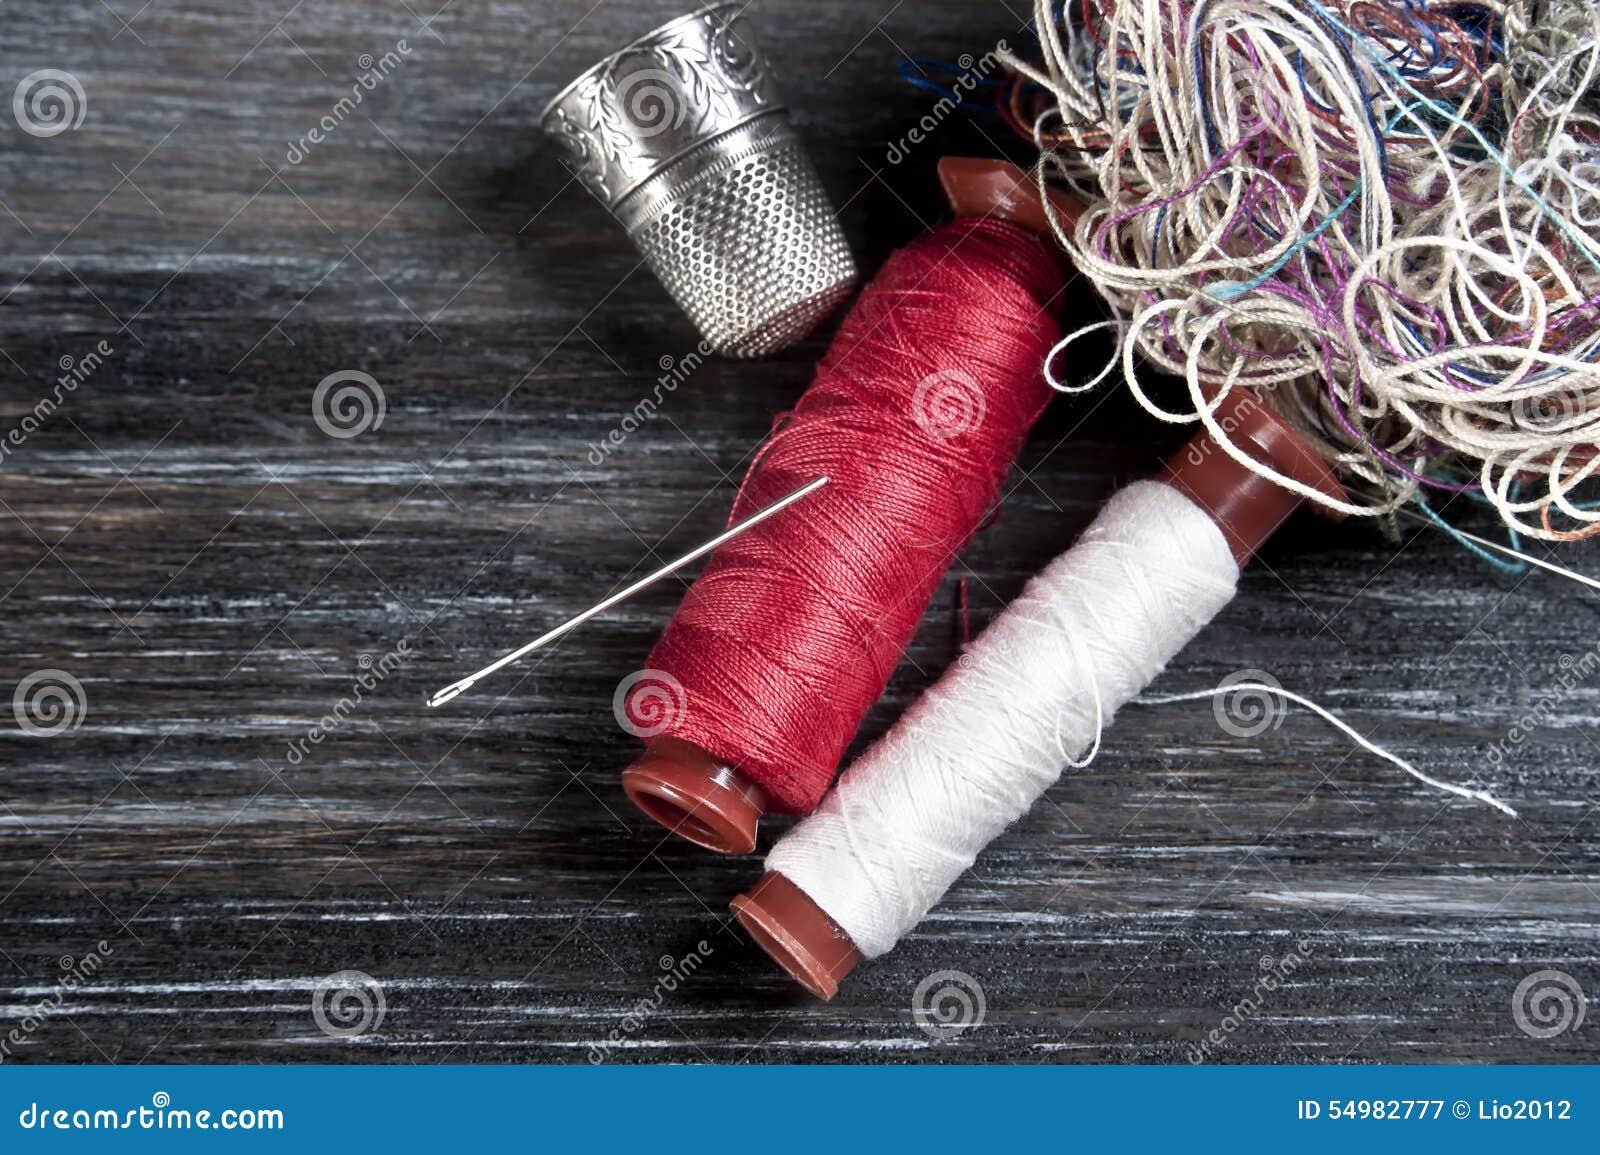 Igieł nożyc szwalna cewy tekstury nić threaded narzędzia